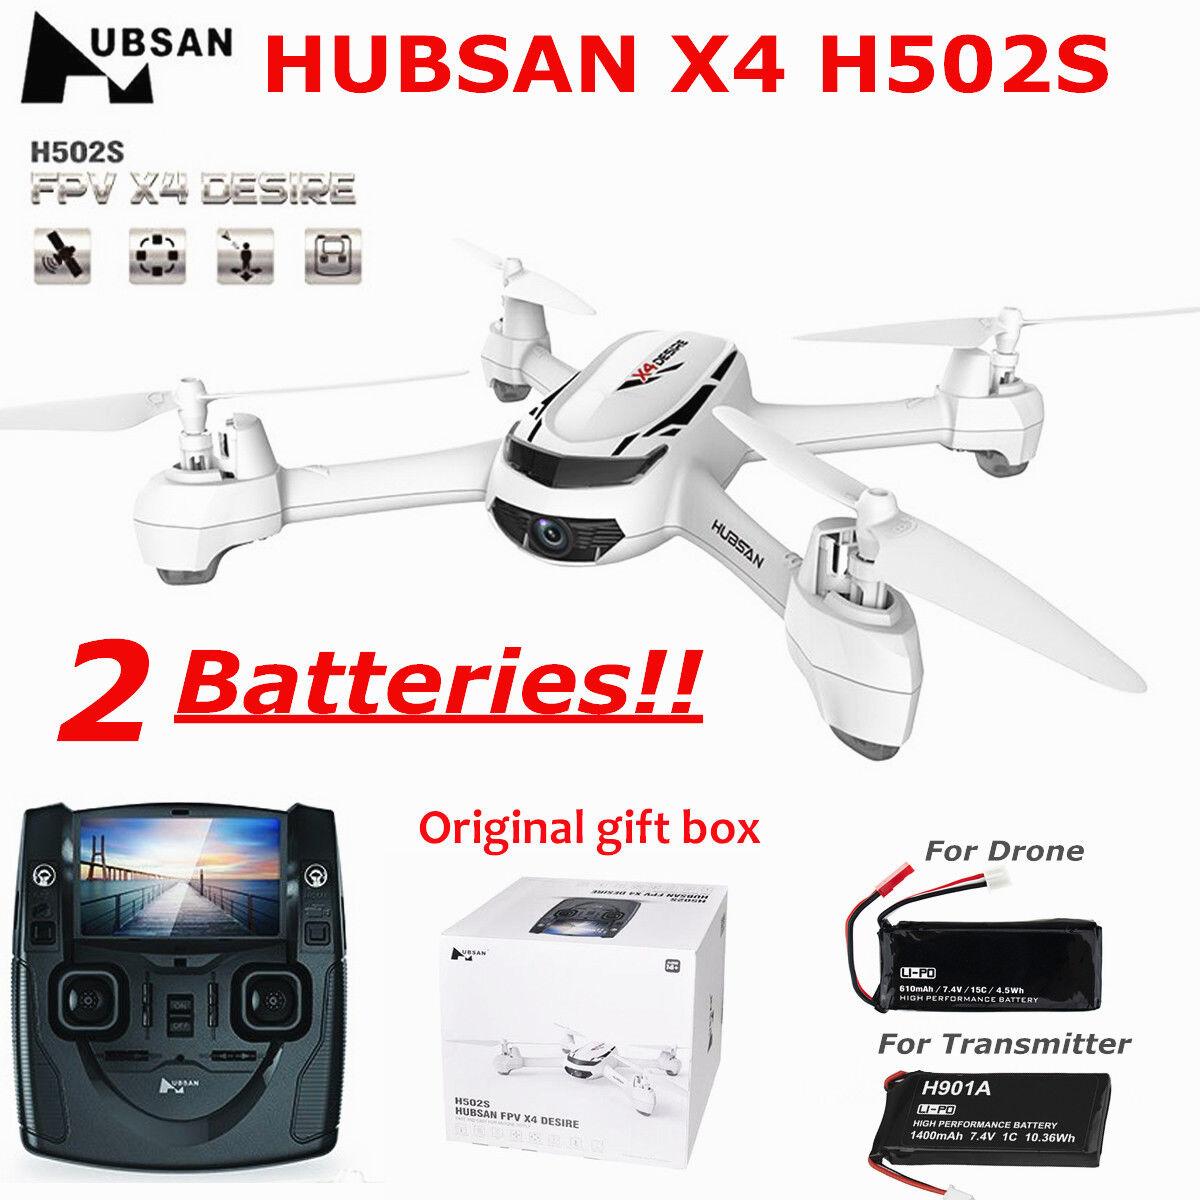 Hubsan H502S X4 FPV DRONE 5.8G 720P GPS Modo sin cabeza Aoto-Retorno Cuadricóptero RC